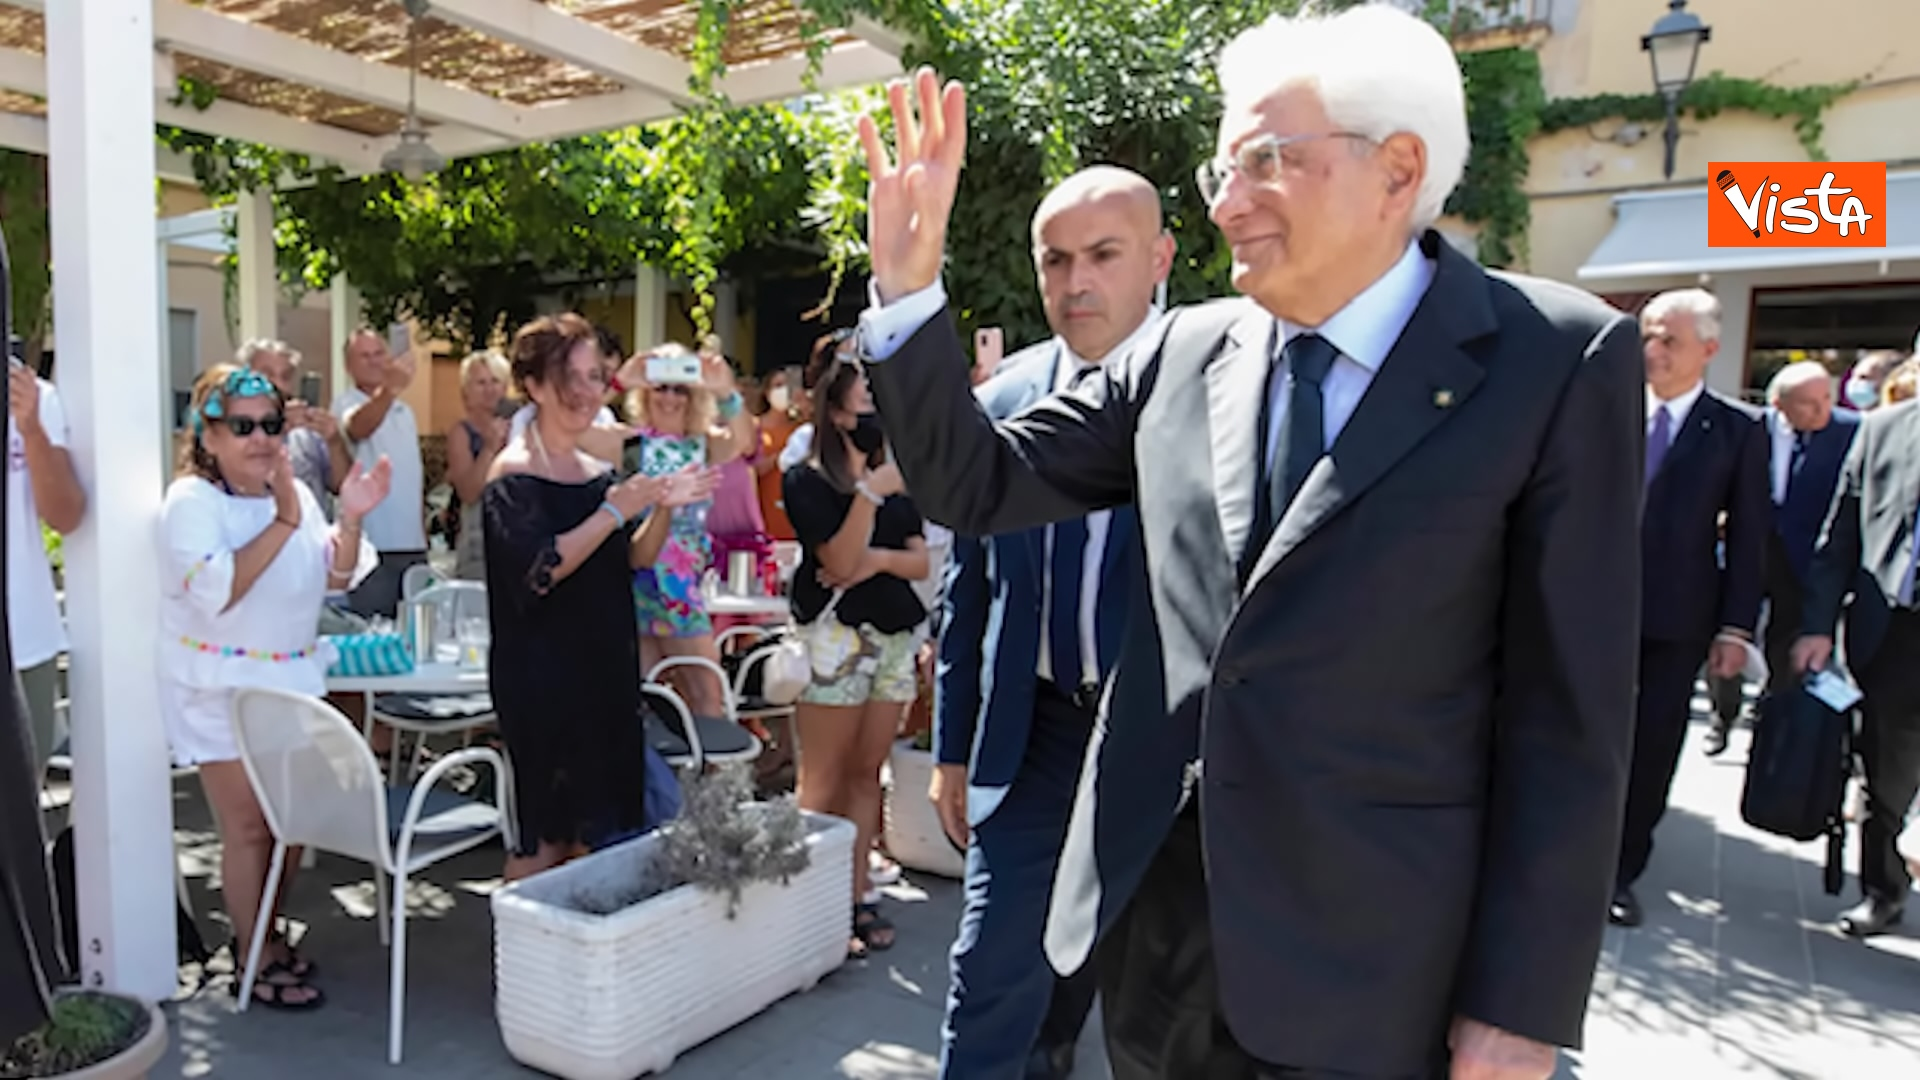 29-08-21 Il Presidente Mattarella a Ventiotene 01_0017307233460734994638